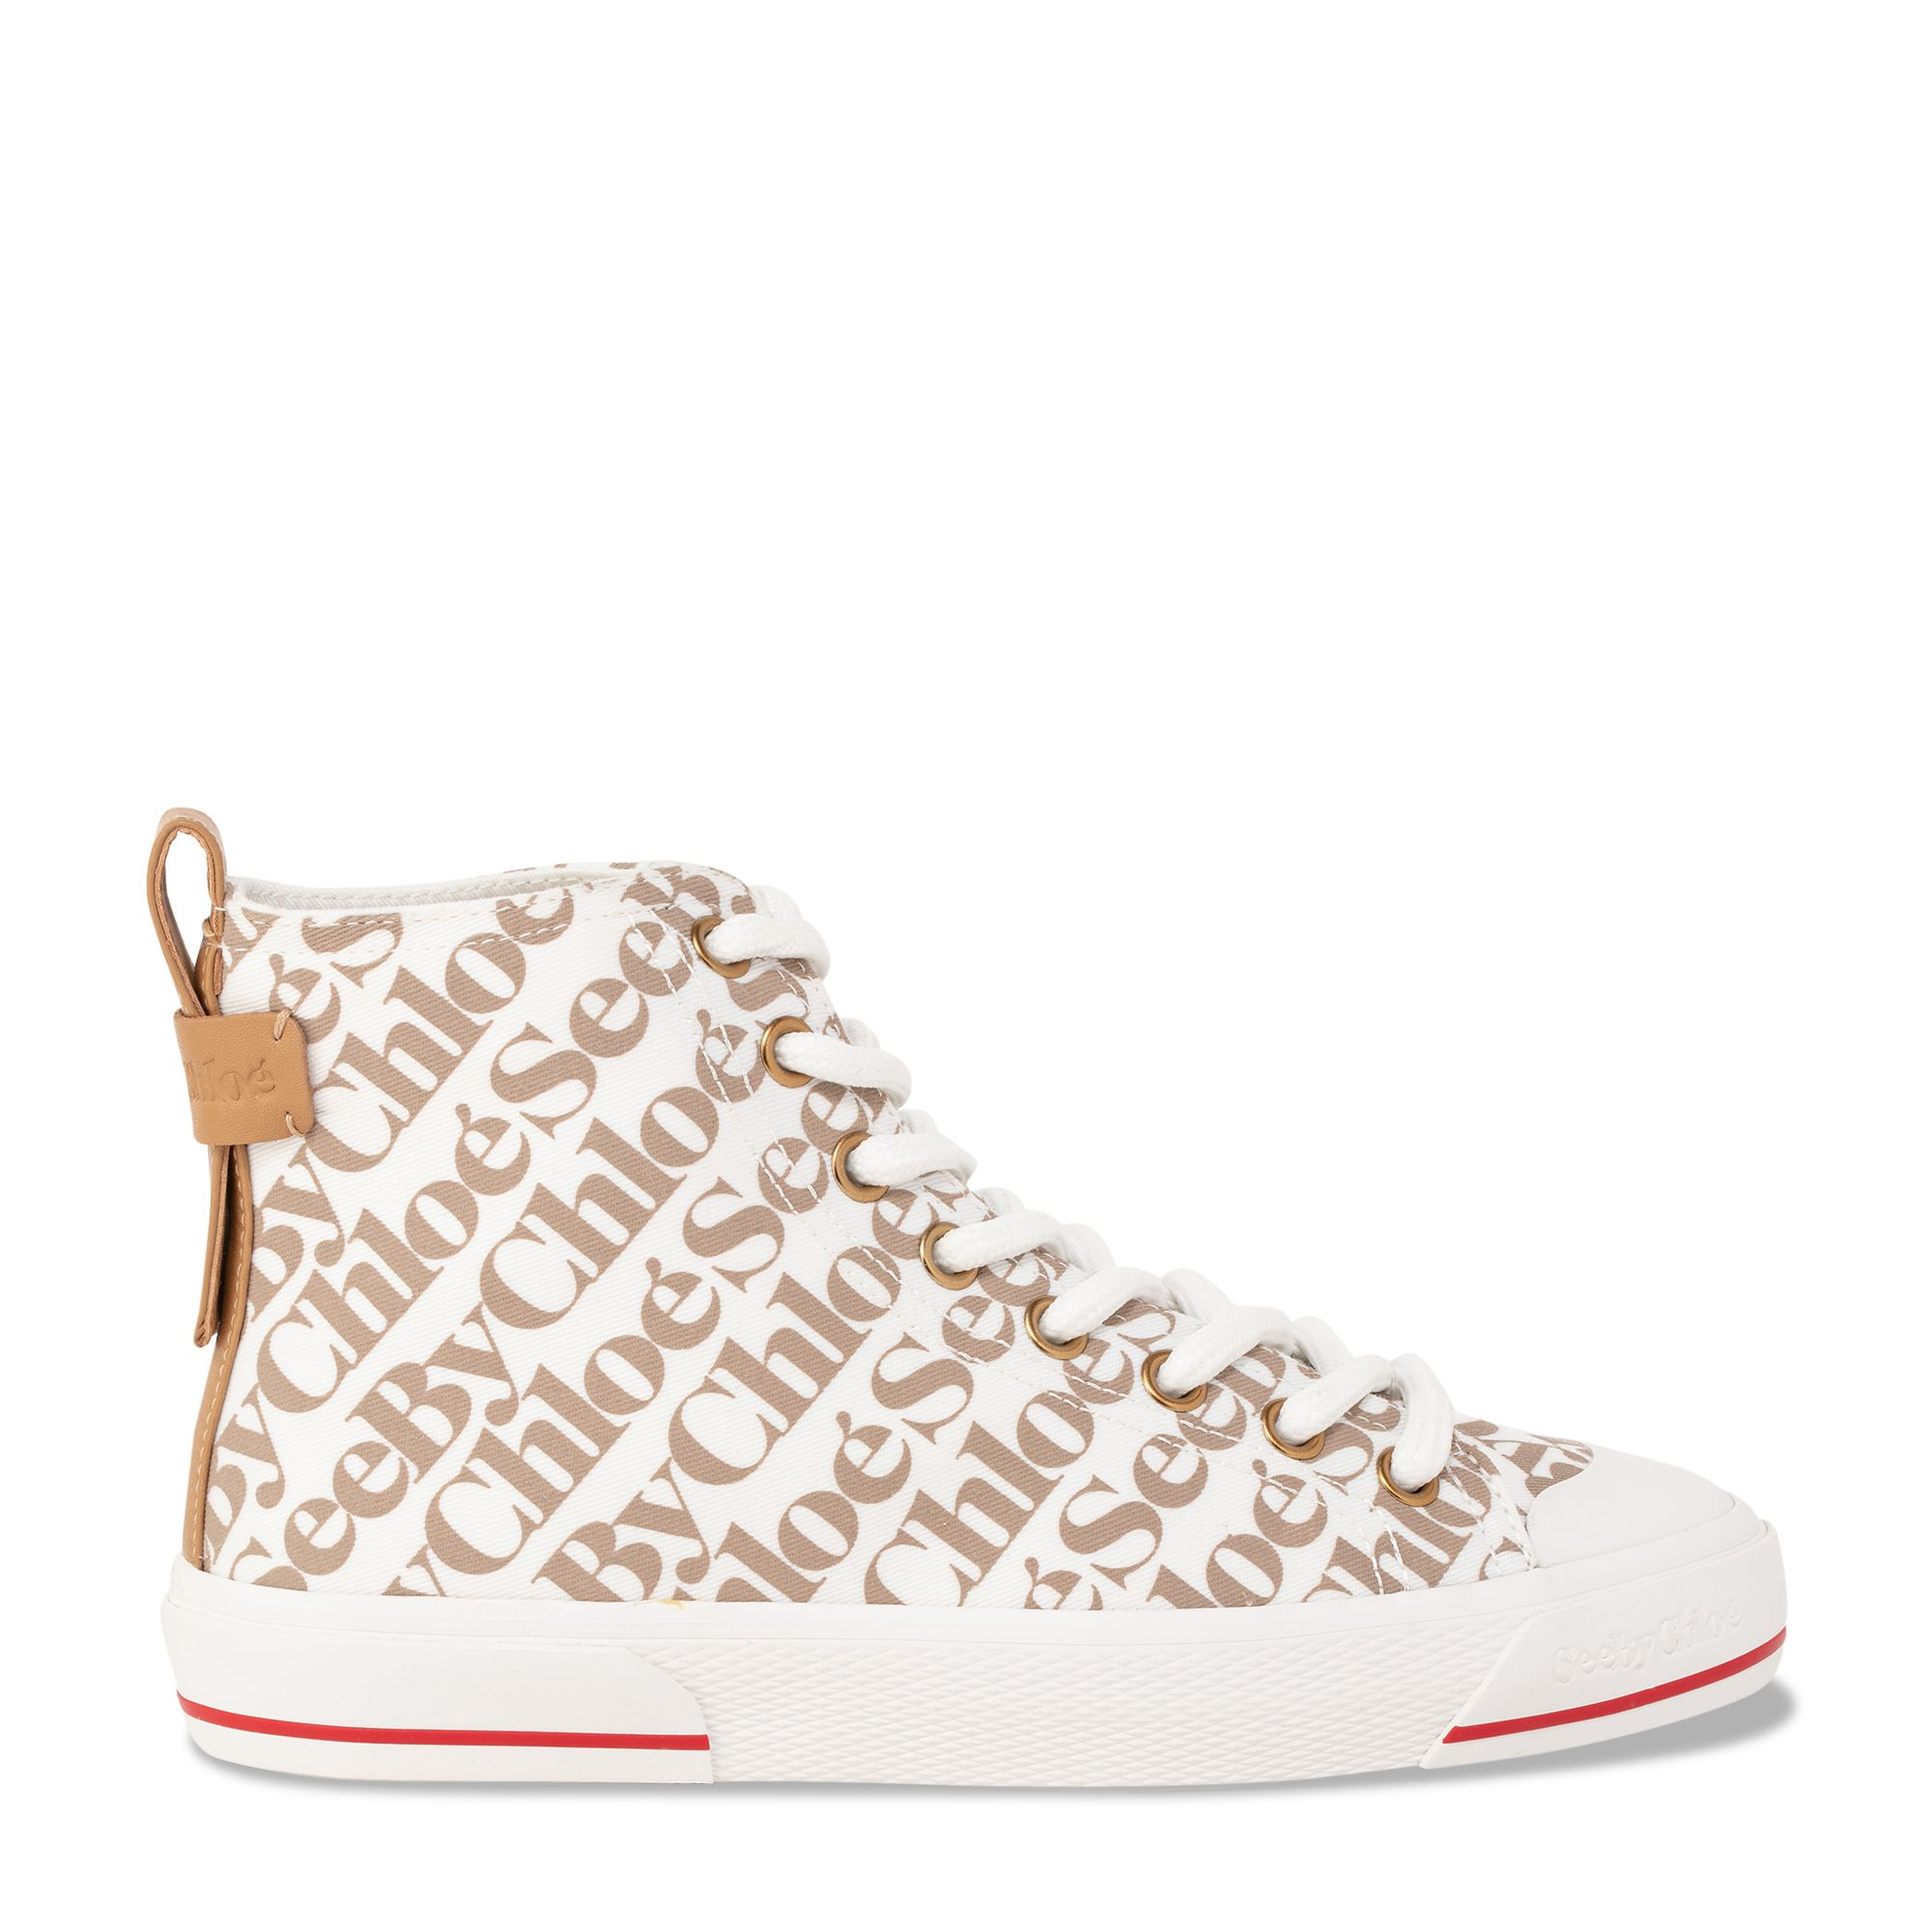 Aryana sneakers